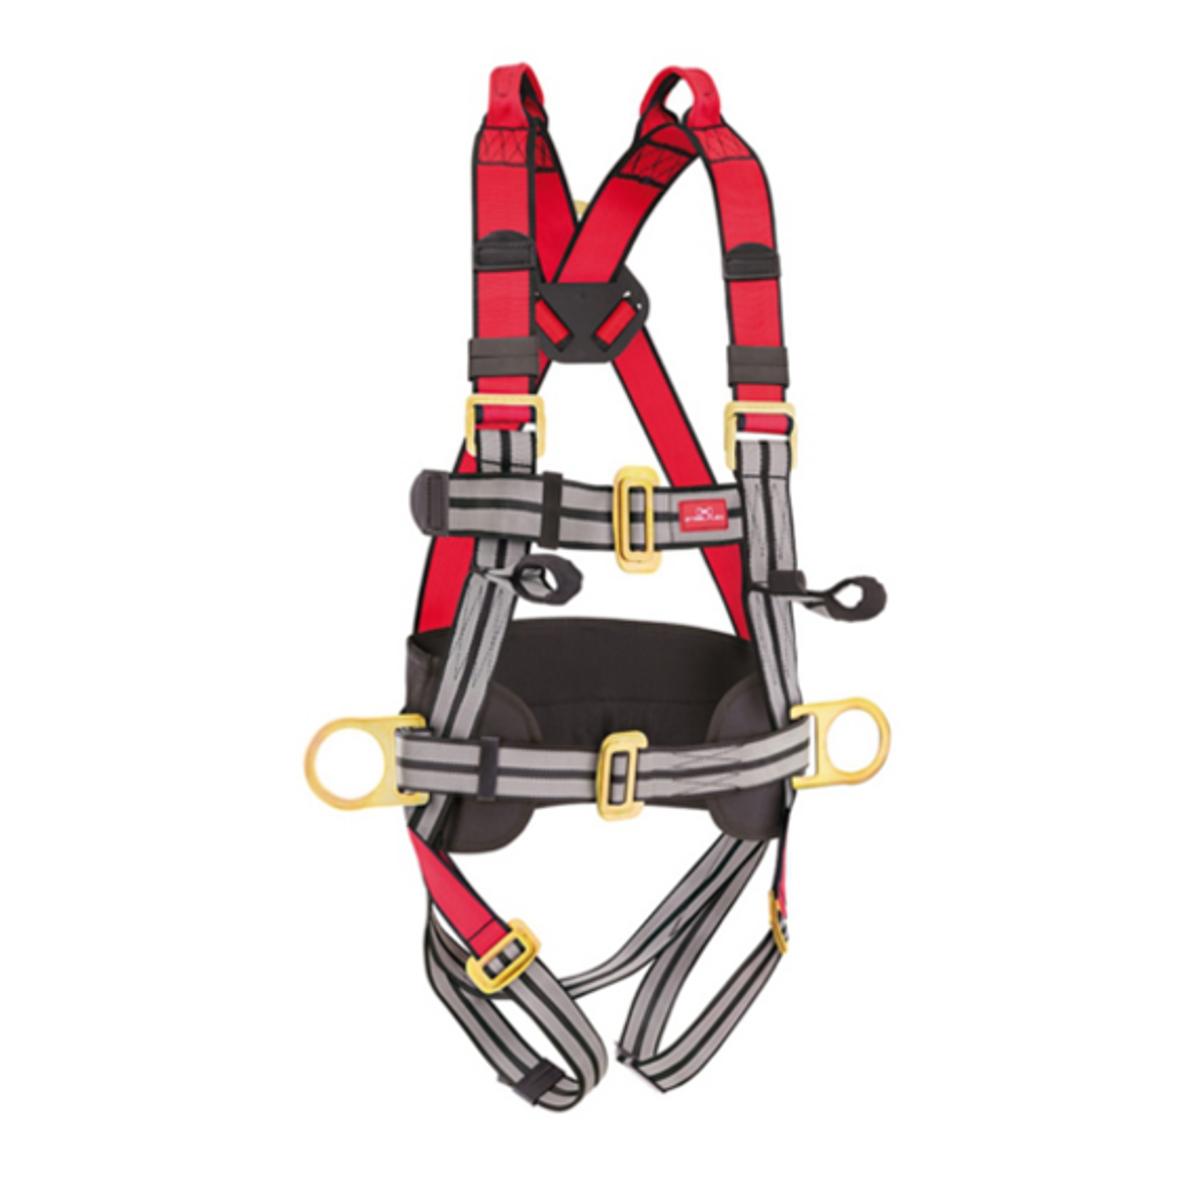 Cinturão de Segurança STF-CQCT4121 com 4 Pontos de Ancoragem STEELFLEX CA 35125